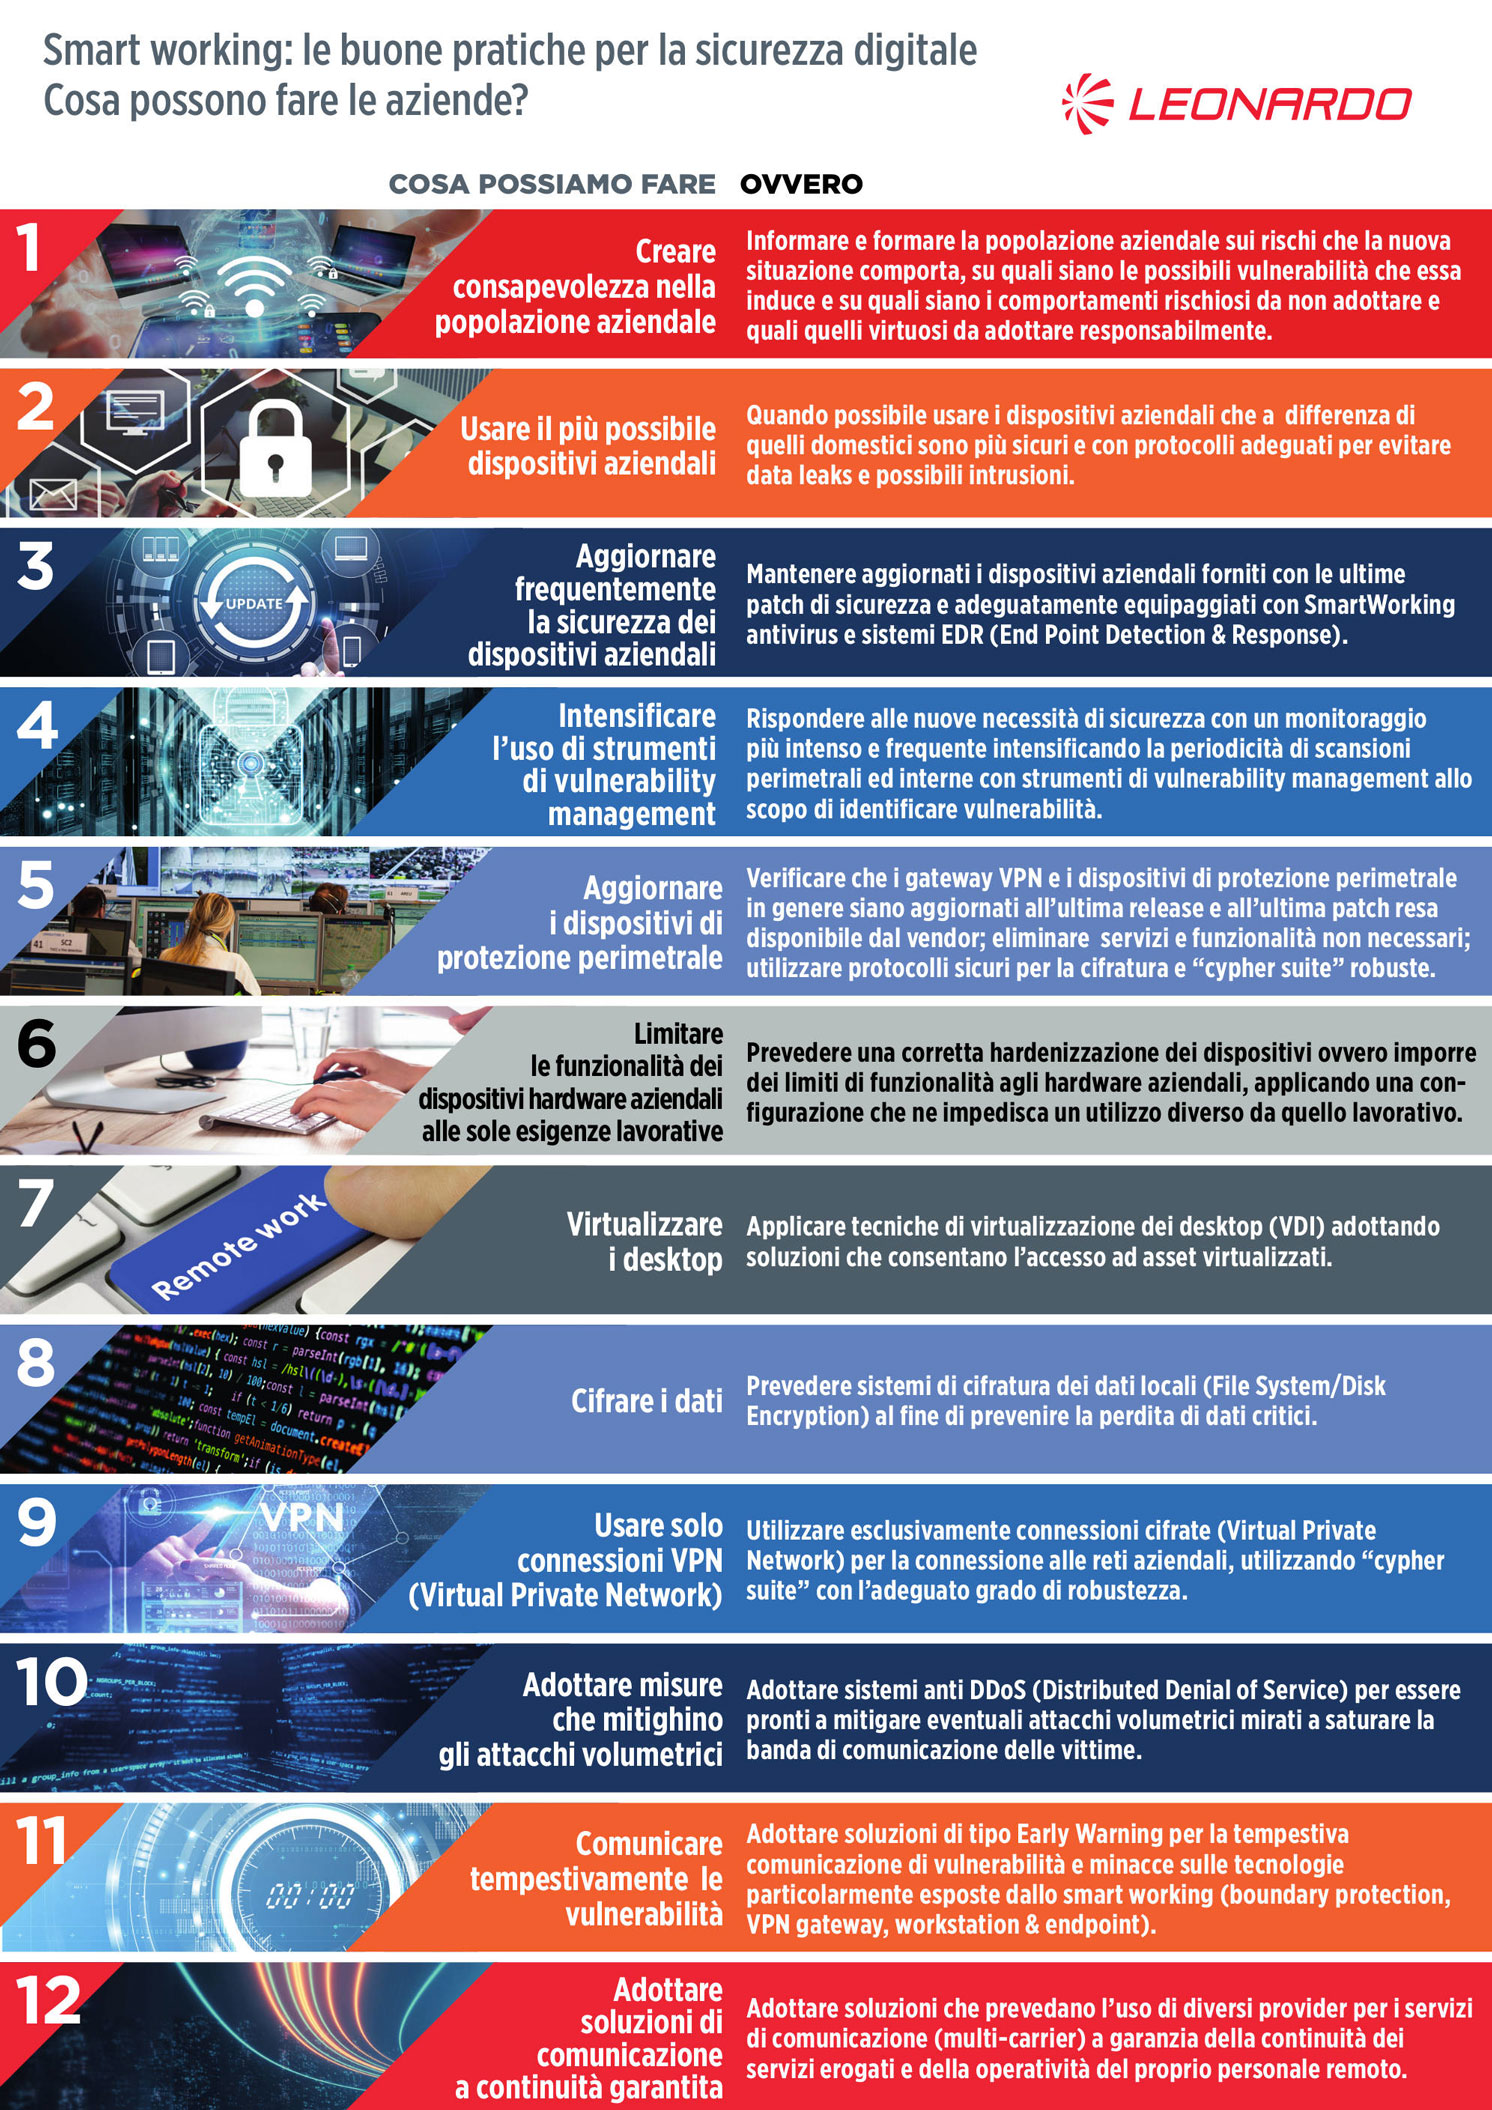 Smart working: le buone pratiche per la sicurezza digitale. Cosa possono fare le aziende? - Fonte: Leonardo